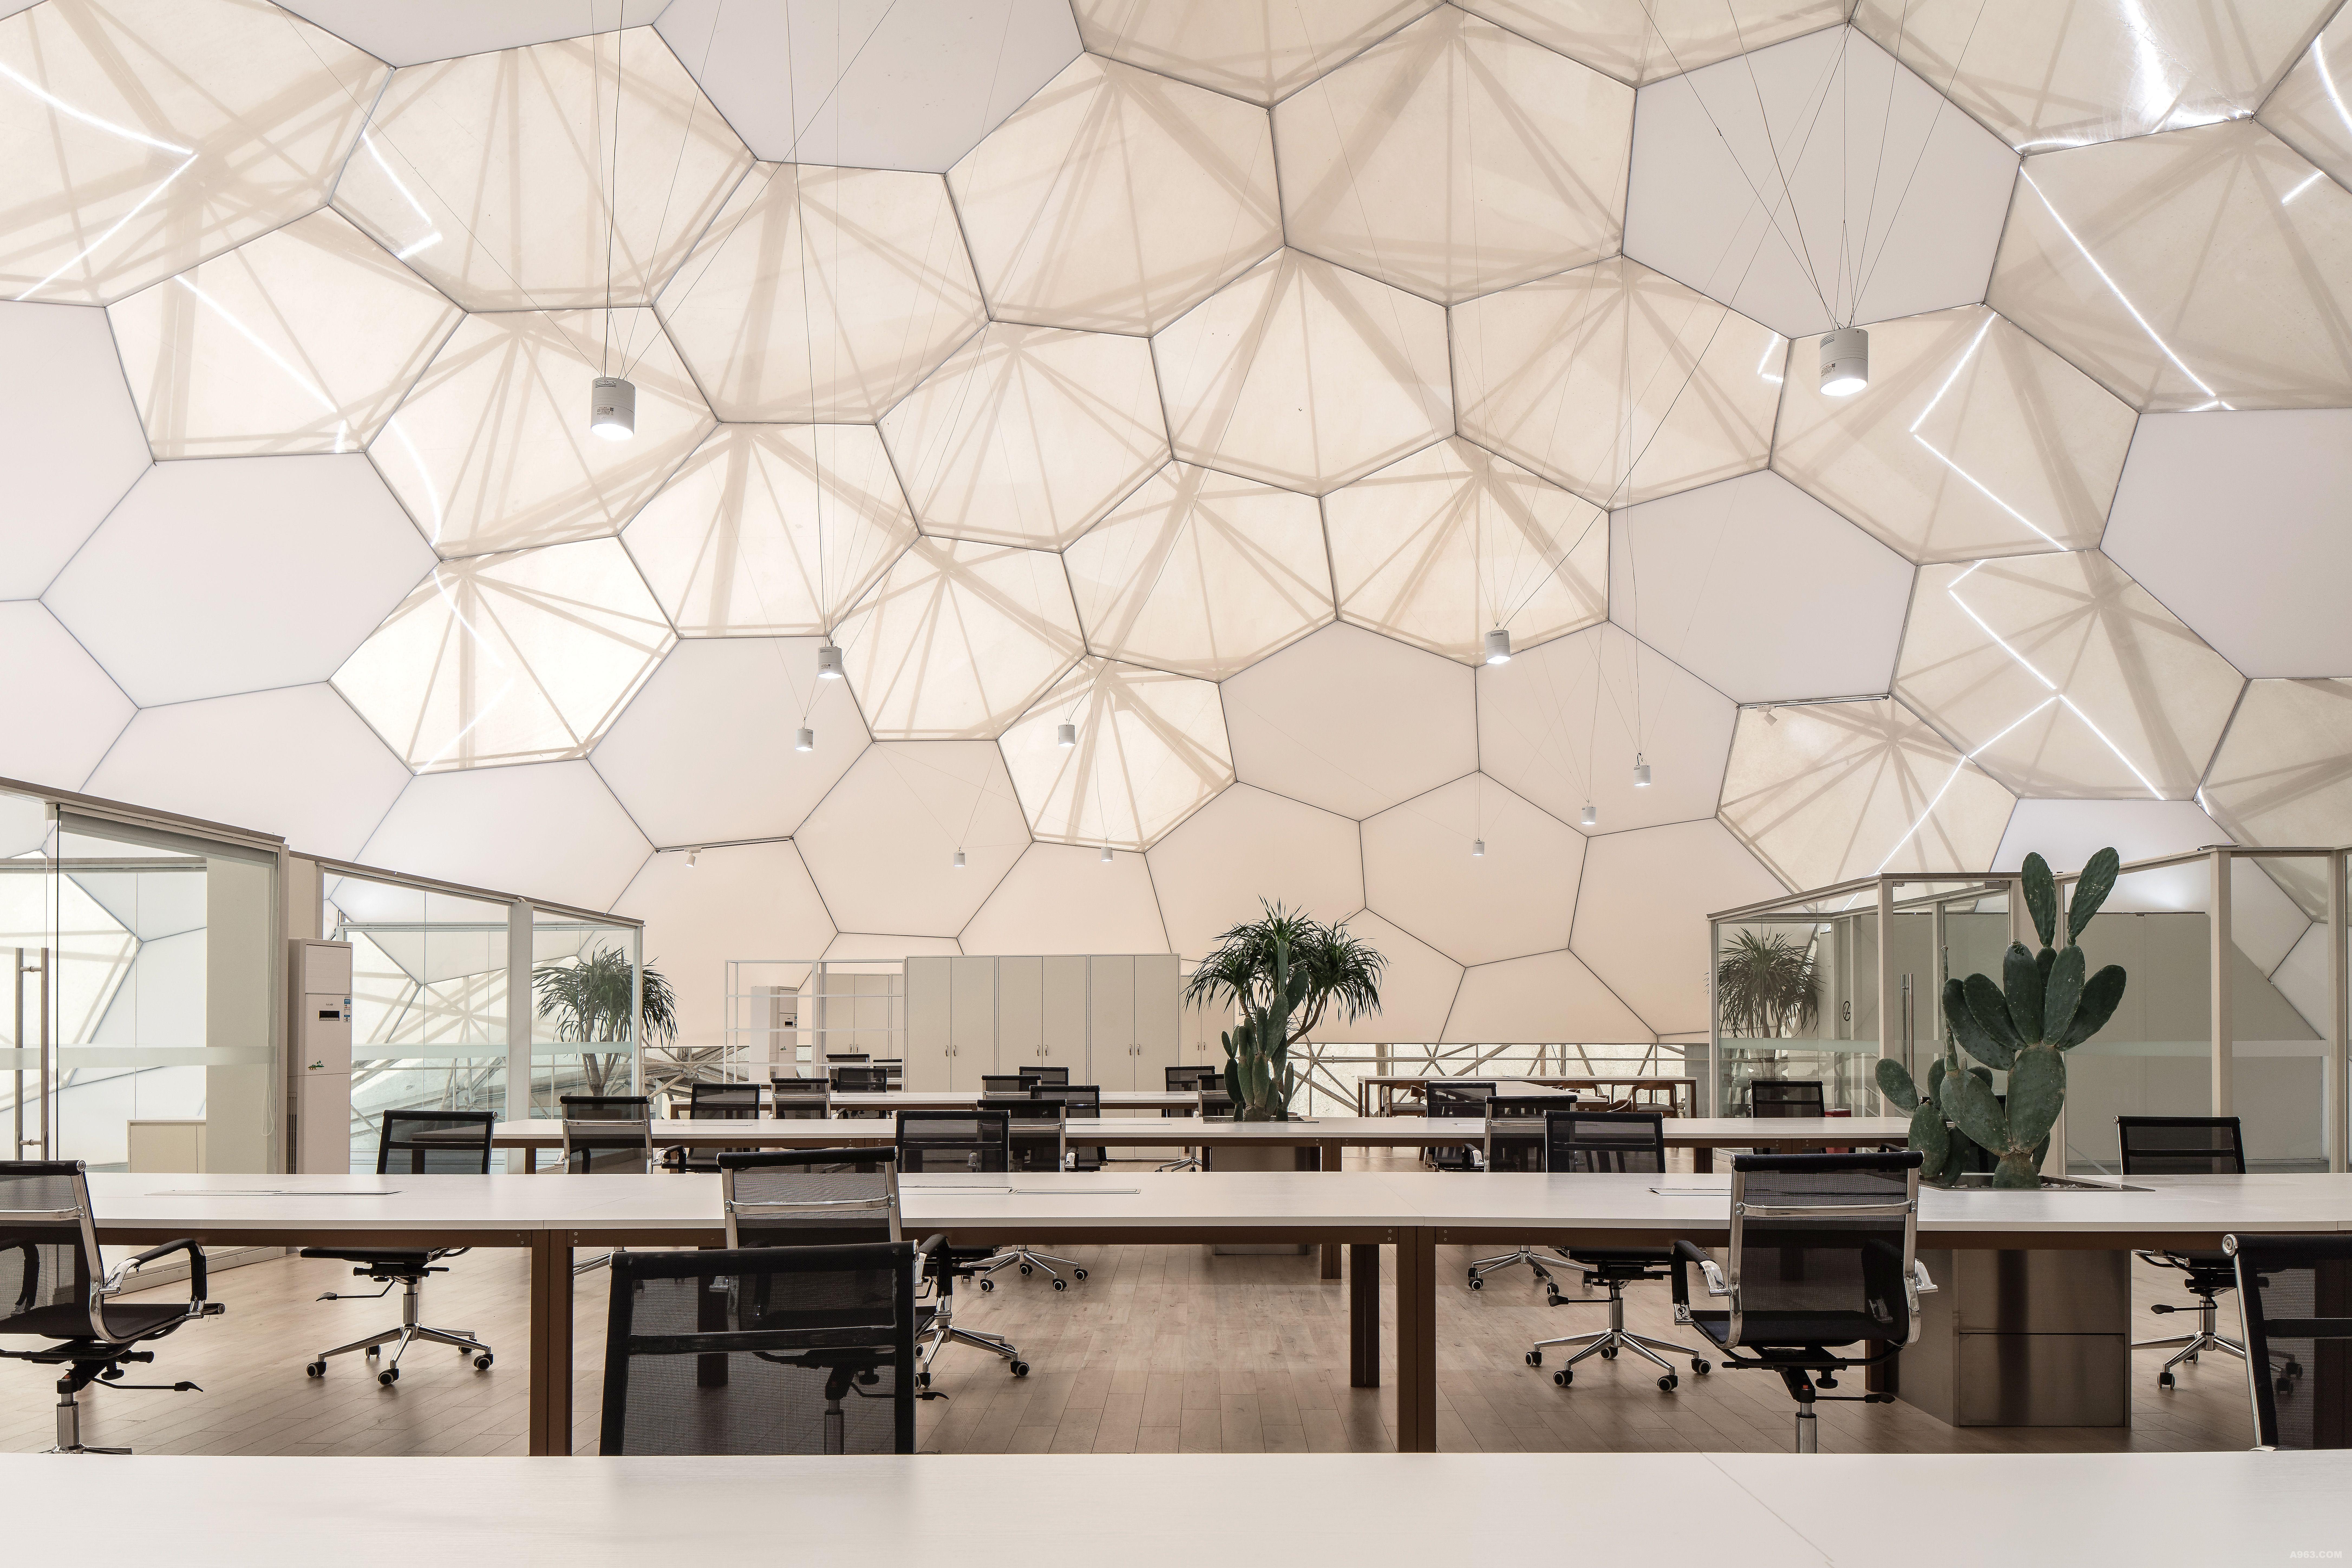 创意孵化基地 创意孵化基地,是上海世博会时留下来的临时建筑,这些年里,也换了好几个业主,他们对建筑物的室内都进行过不同程度的改造,所以最终留下来的内部结构相对比较复杂。甲方希望做一个公益性的项目,免费提供给设计师办公,以及进行家具的展示等。 在接受设计任务之前,结构改造已经开始在施工了,到了工地现场,被现场的内部球形网架及错中复杂的裸露钢结构震撼了。在多次结构改造过程后,原有的结构框架已变得十分混乱,但没想到,这无意的混乱,却天然地透着一种能瞬间打动人的力度和美感。所以,保留并将原有球形网架的钢结构暴露出